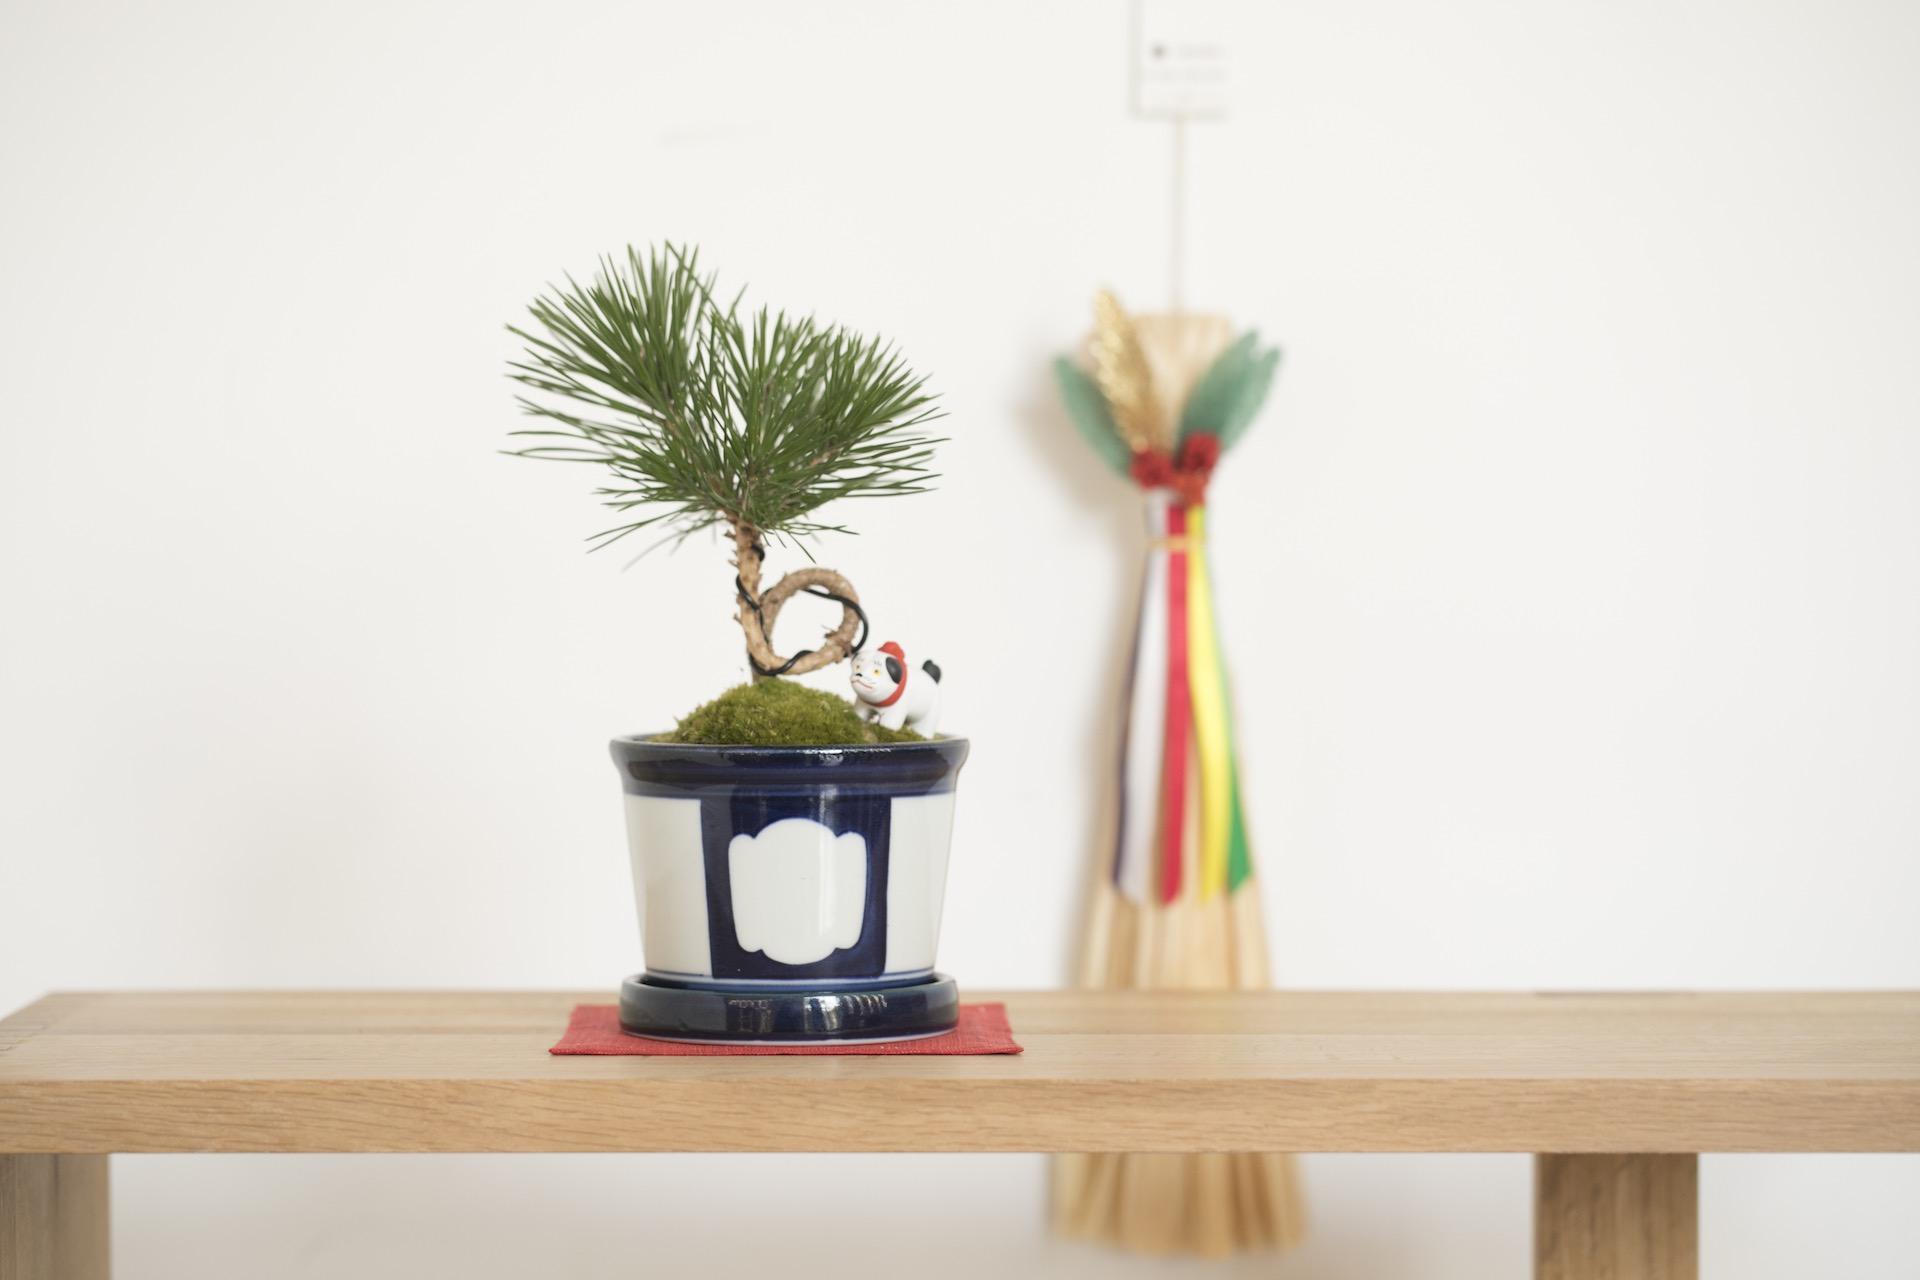 松の個性が新年を華やかに彩ります